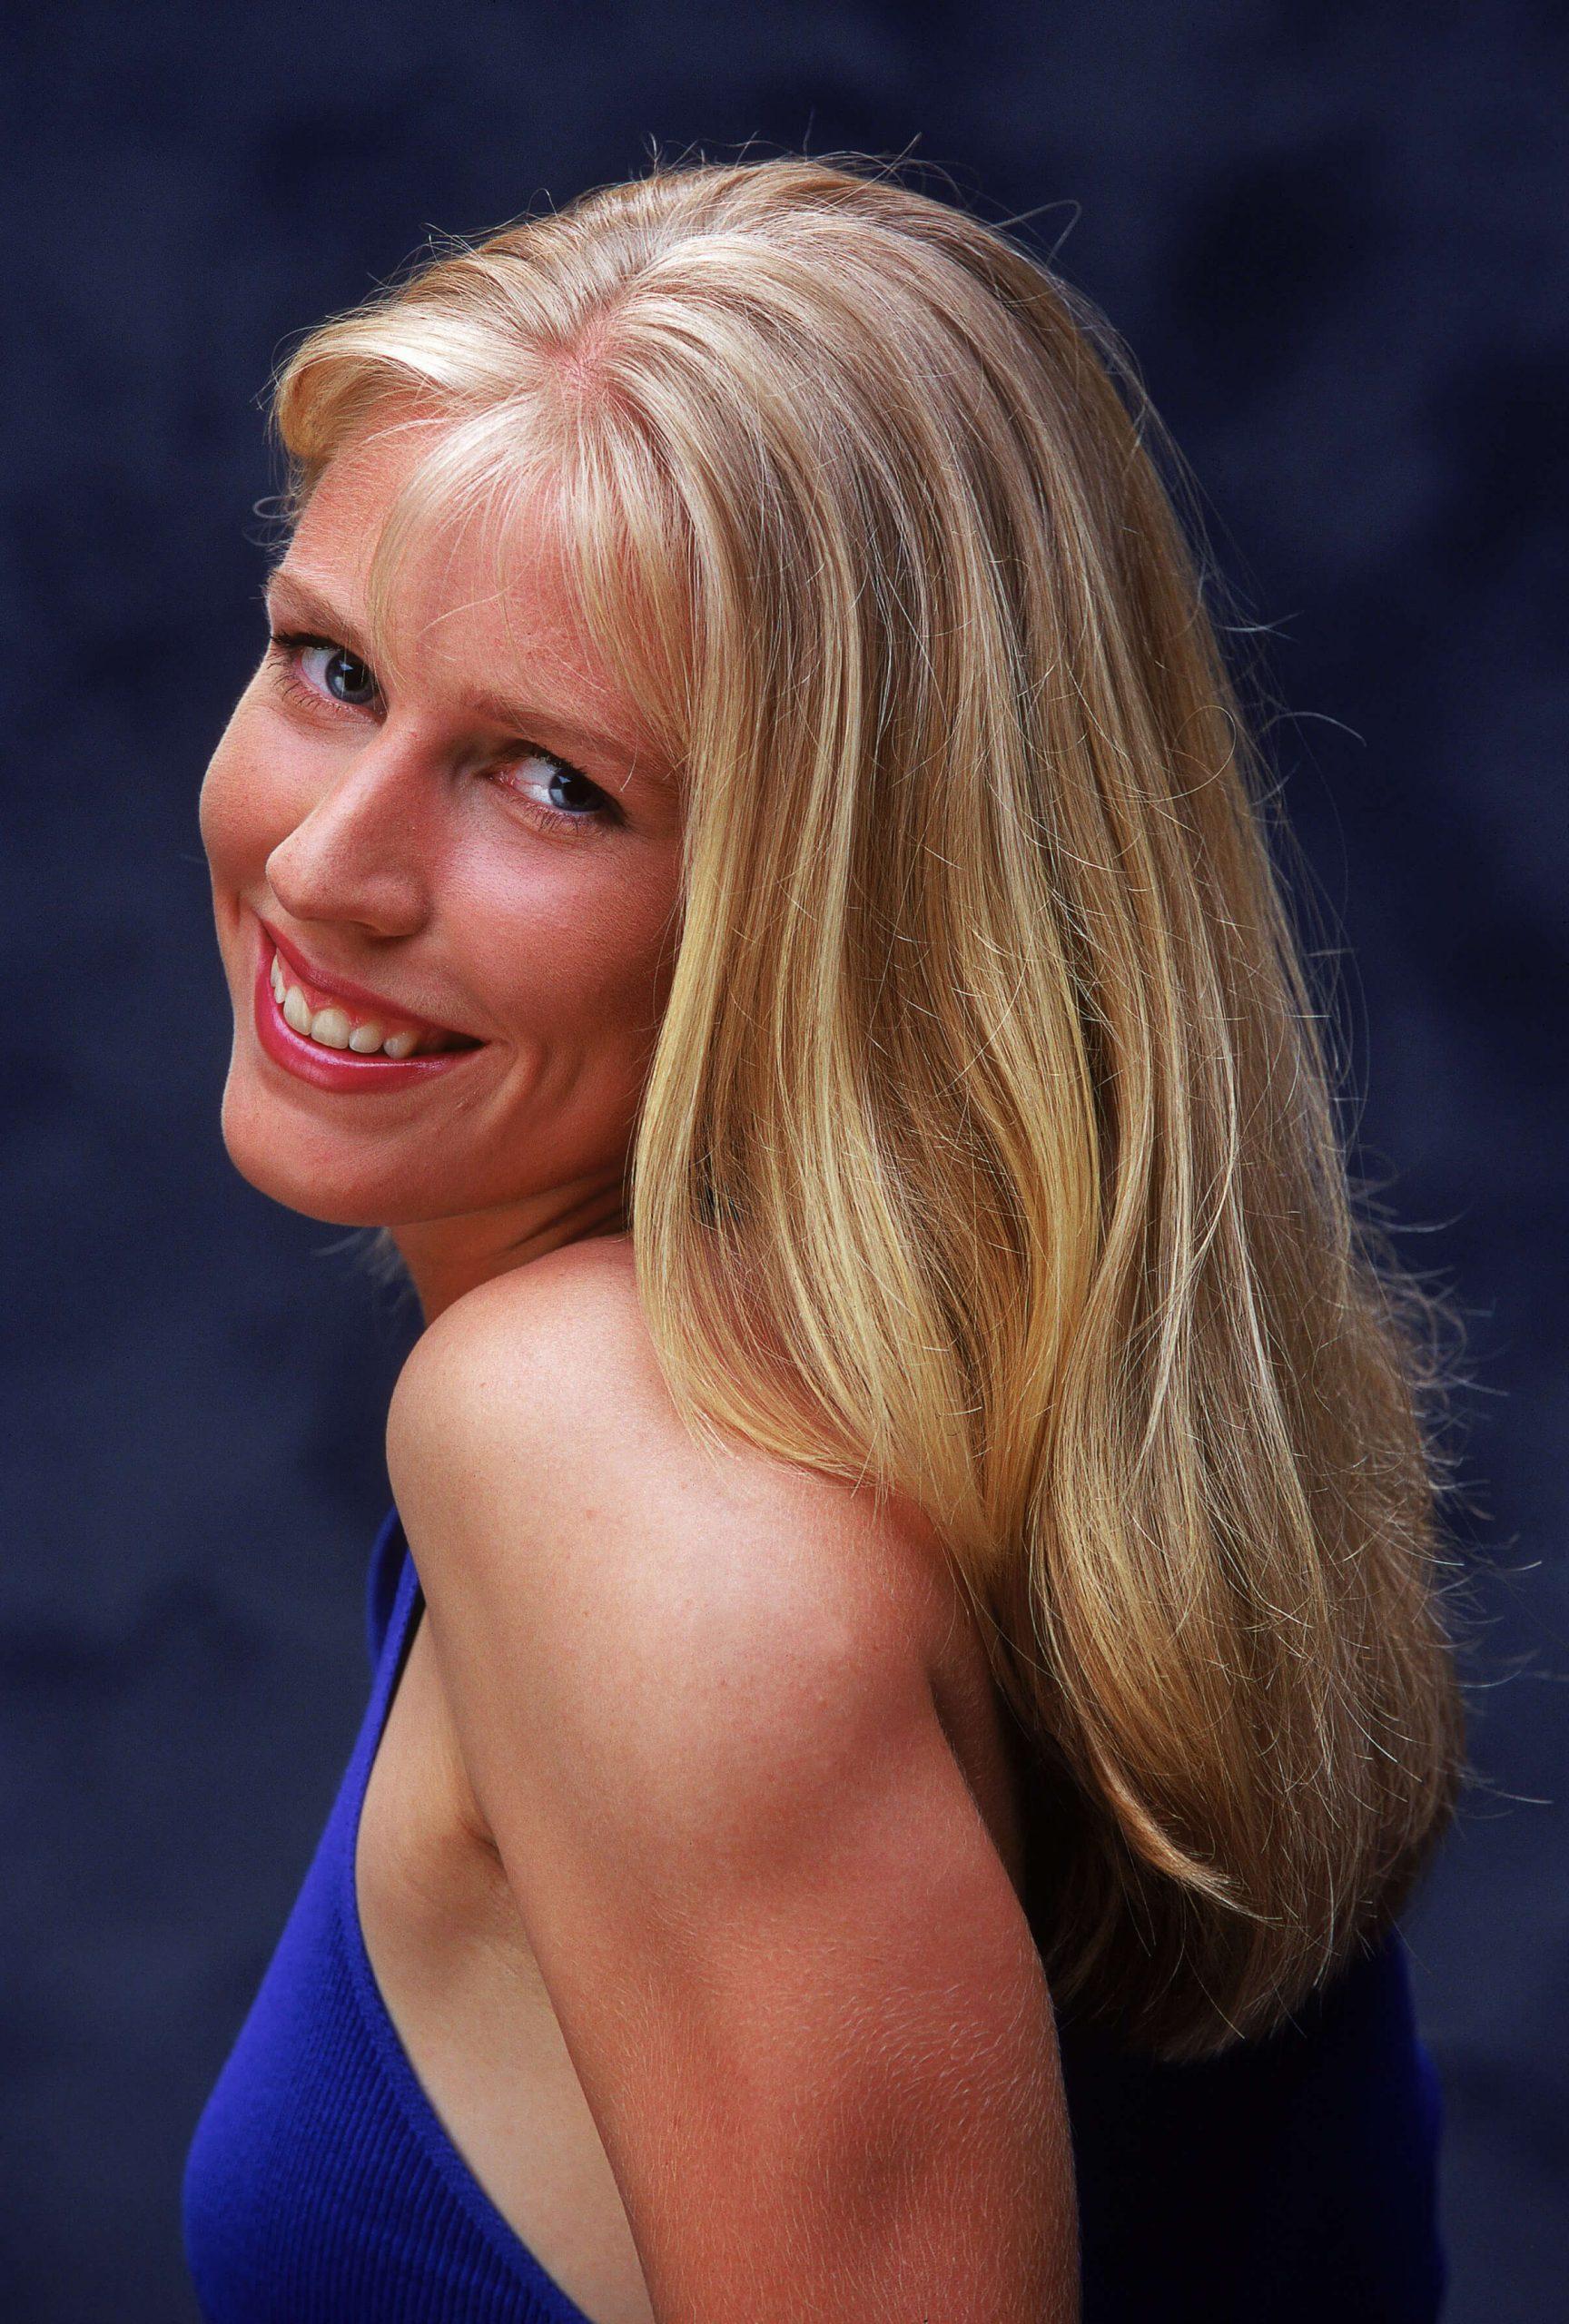 Elena-Dementieva-hot-side-pics-2